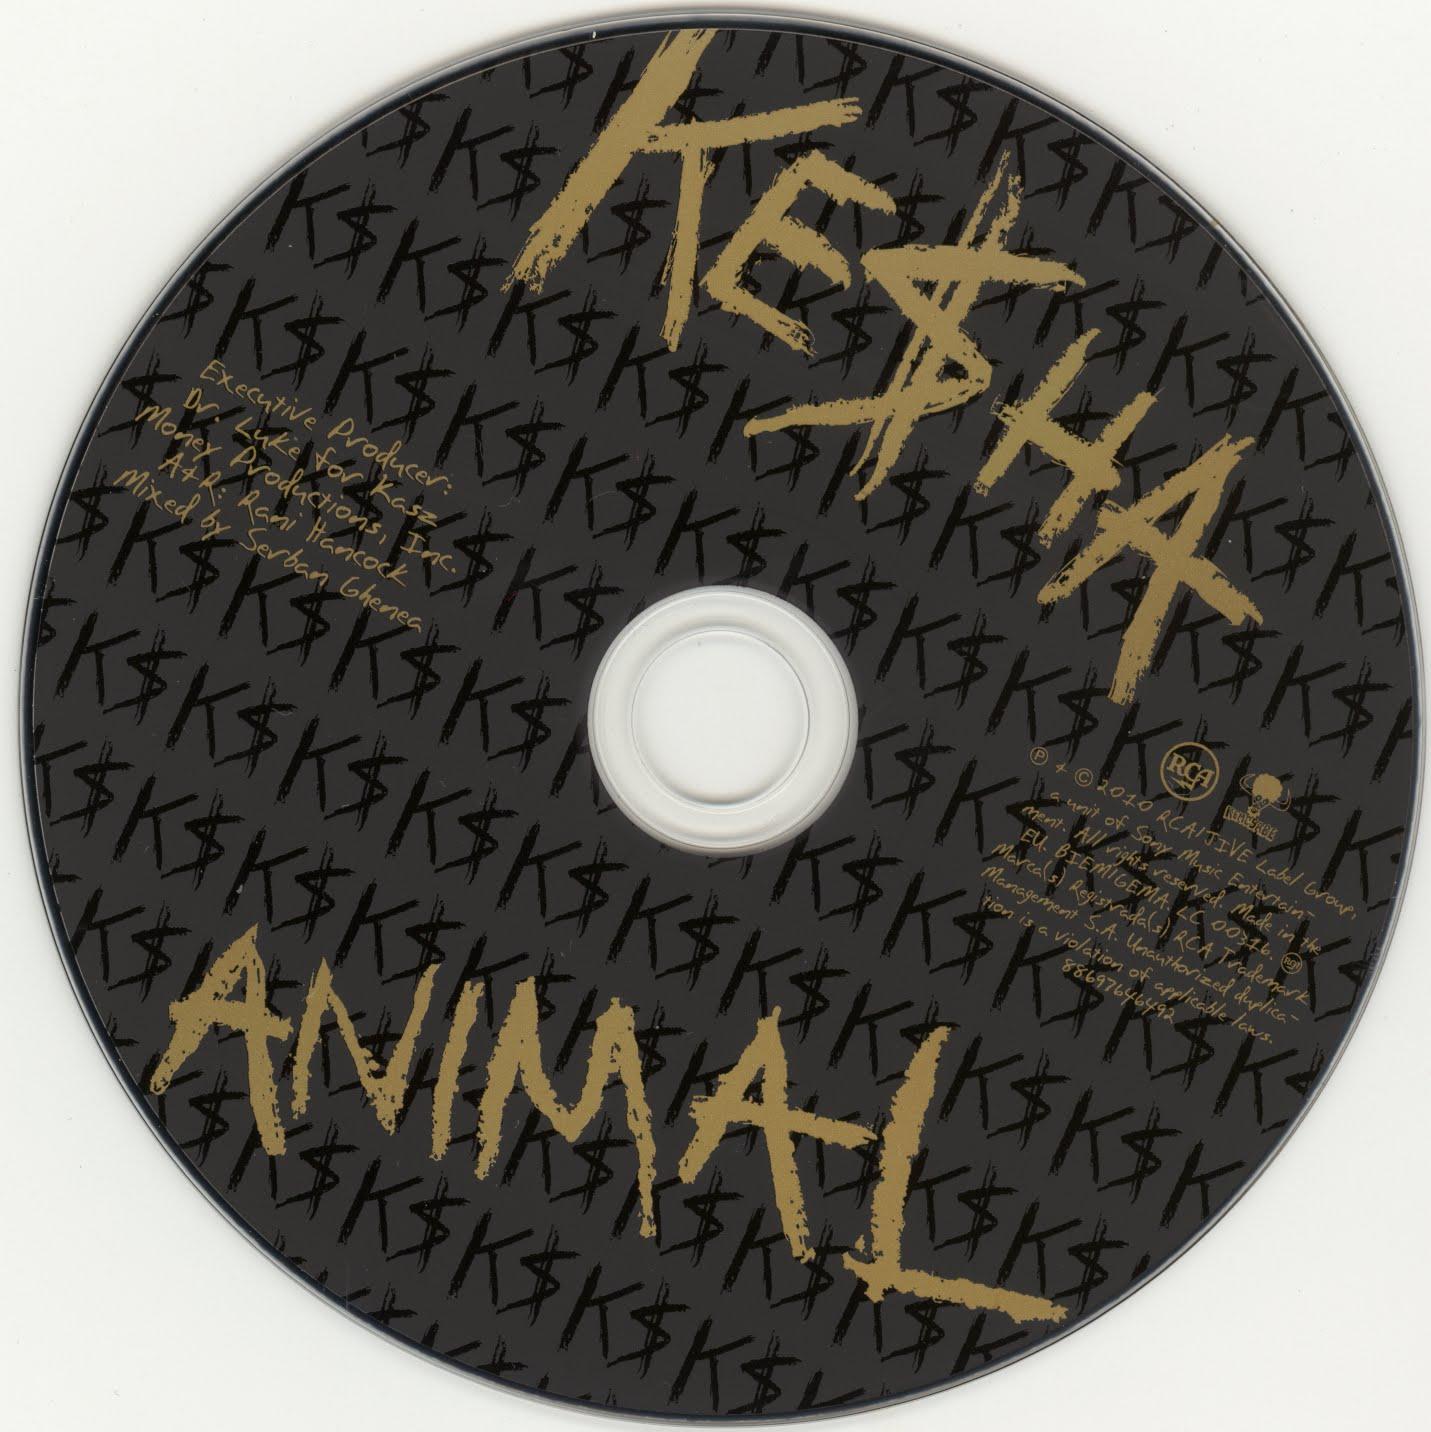 http://4.bp.blogspot.com/-s-vCNiA1epI/TZW1kFda4FI/AAAAAAAAAtk/67xodj6g7Uc/s1600/kesha+cd+2.jpg